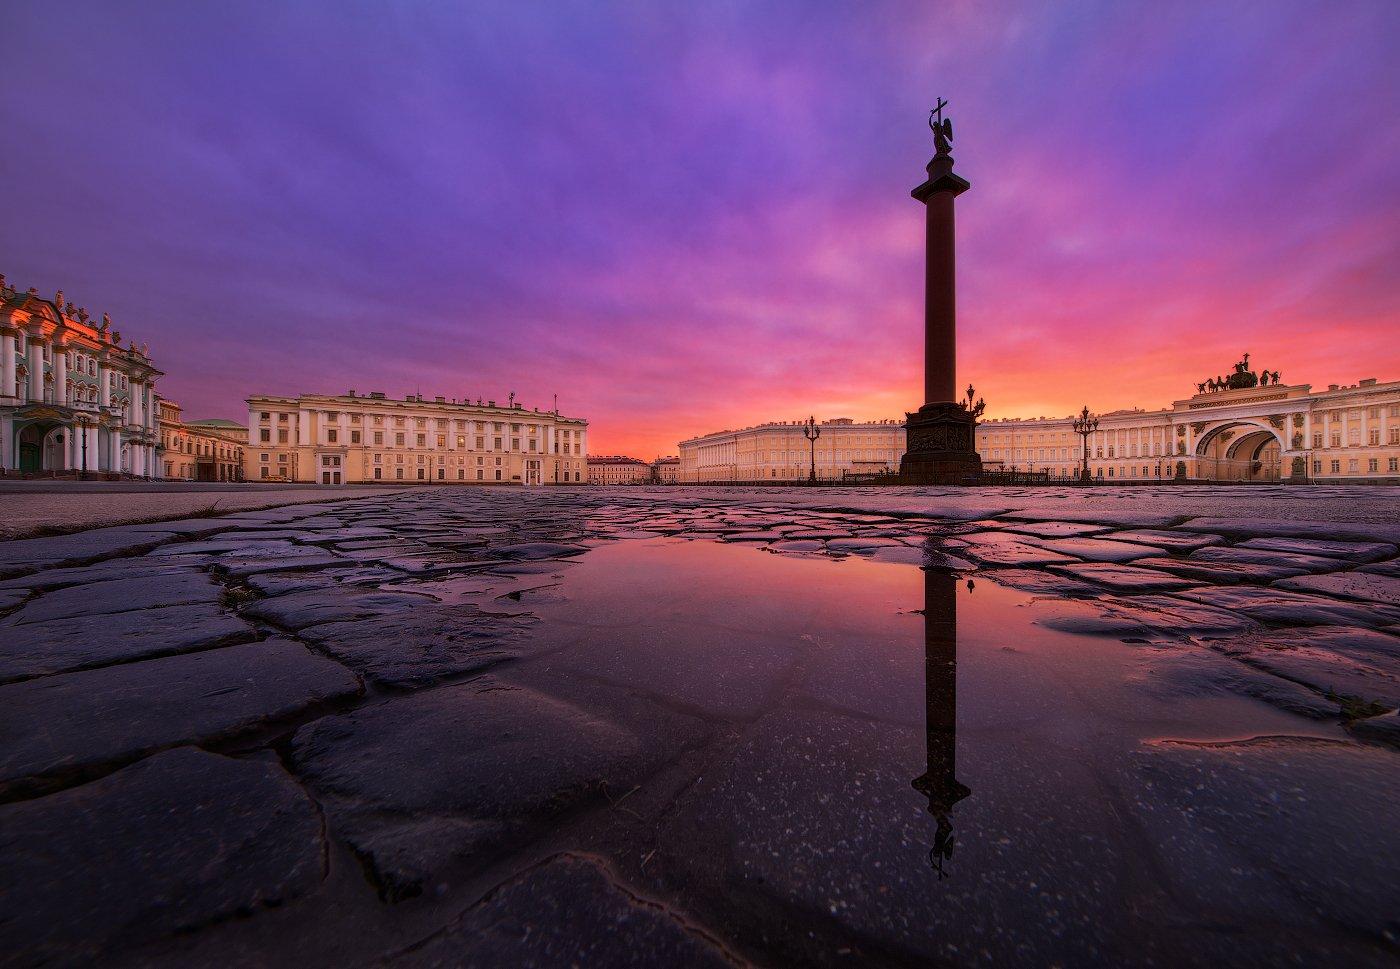 Дворцовая площадь, Осень, Отражения, Рассвет, Санкт петербург, Эрмитаж, Sergey Louks